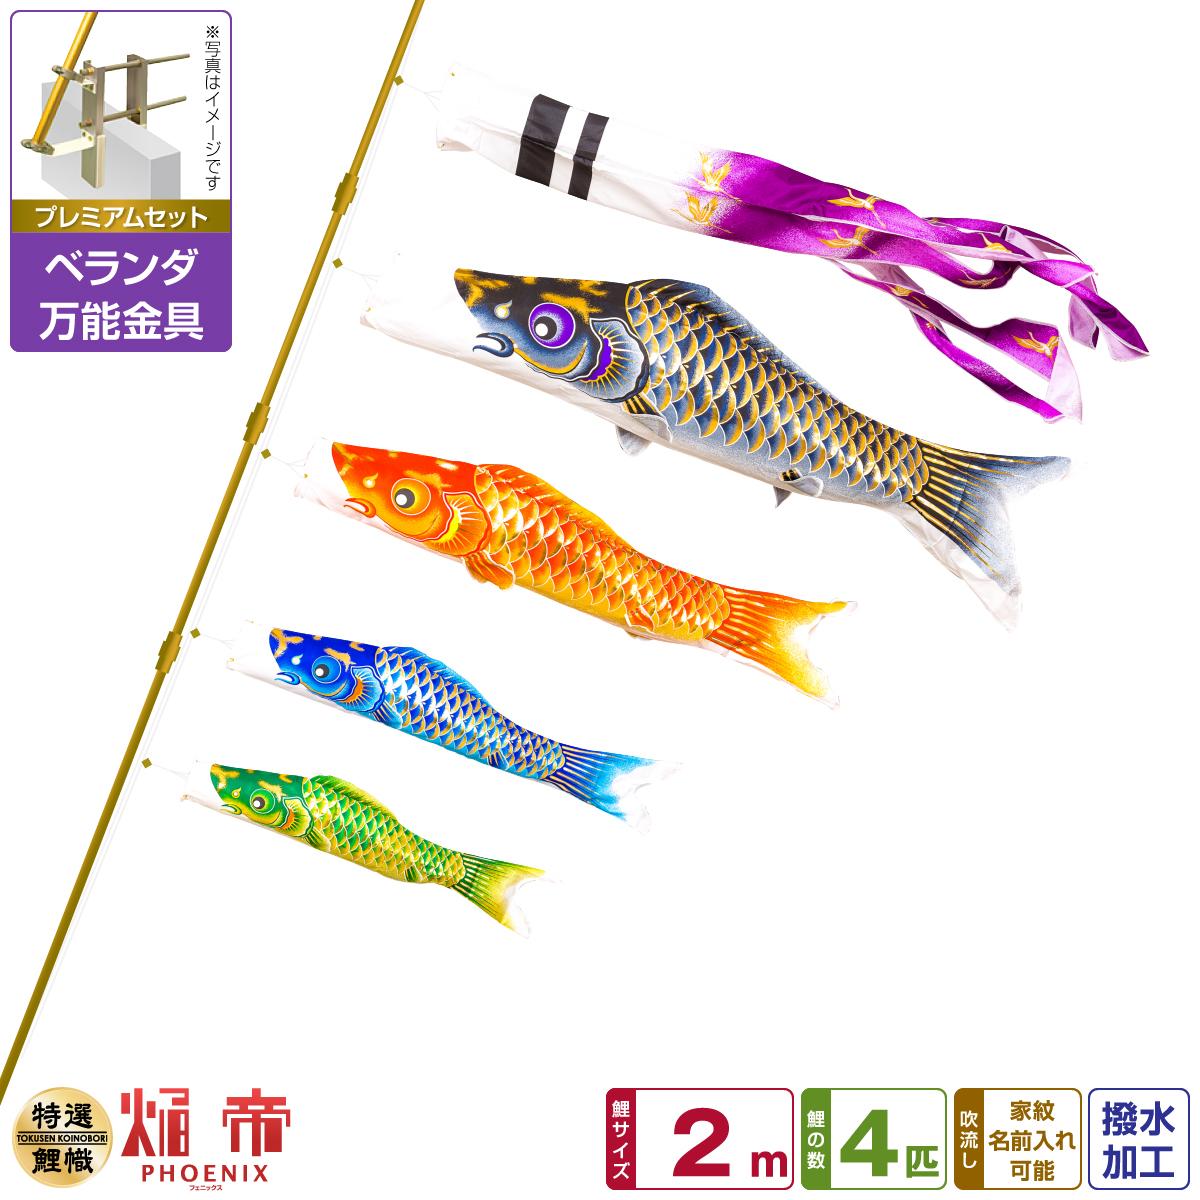 ベランダ用 こいのぼり 鯉のぼり 焔帝鯉フェニックス 2m 7点(吹流し+鯉4匹+矢車+ロープ)/プレミアムセット(万能取付金具)